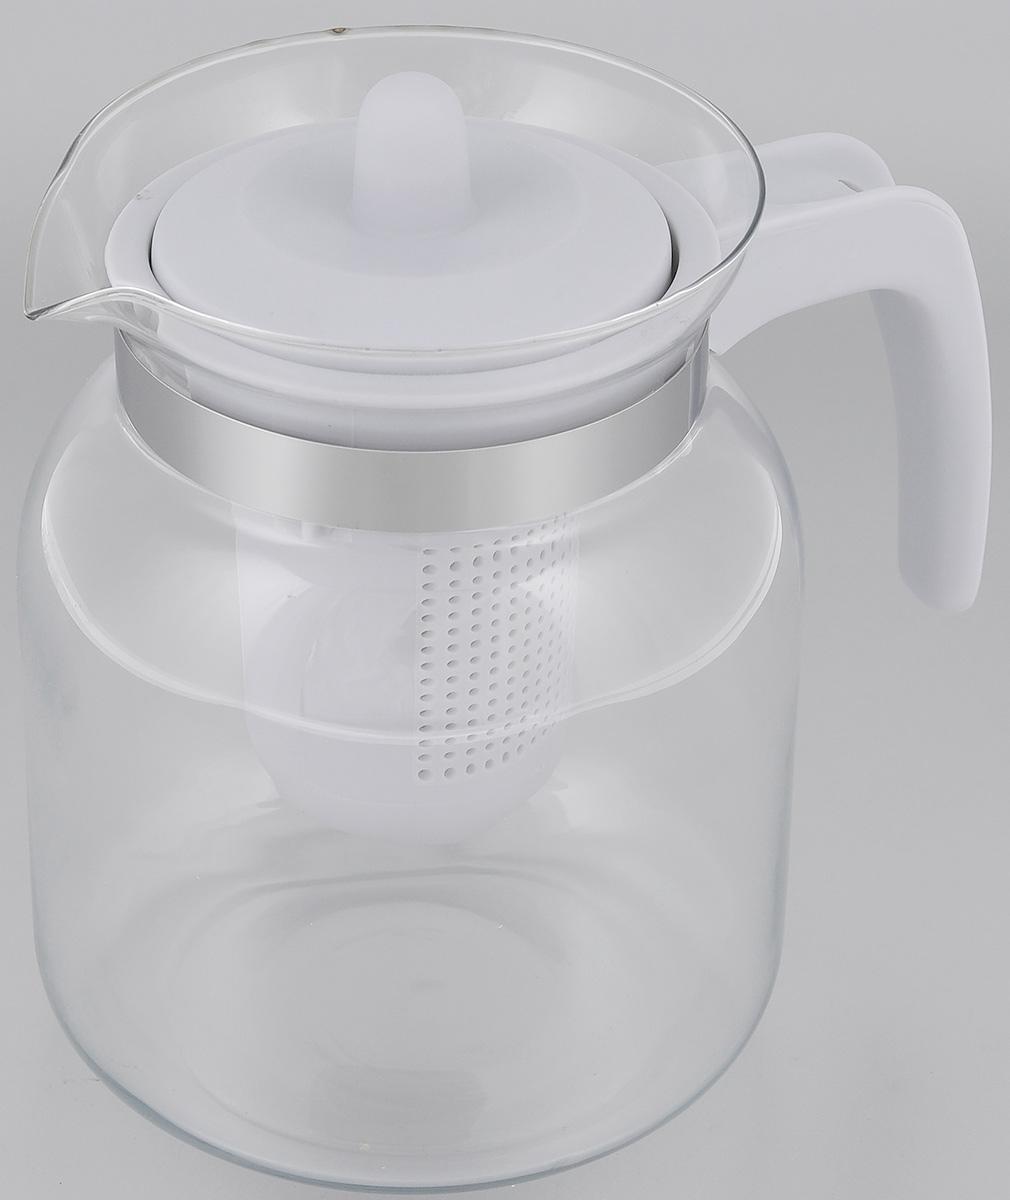 Чайник-кувшин Menu Чабрец, с фильтром, цвет: прозрачный, серый, 1,45 лCHZ-14_серЧайник-кувшин Menu Чабрец изготовлен из прочного стекла, которое выдерживает температуру до 100 °C. Он прекрасно подойдет для заваривания чая и травяных настоев.Классический стиль и оптимальный объем делают чайник удобным и оригинальным аксессуаром, который прекрасно подойдет для ежедневного использования. Ручка изделия выполнена из пищевого пластика, она не нагревается и обеспечивает безопасность использования. Благодаря съемному ситечку и оптимальной форме колбы, чайник-кувшин Menu Чабрец идеально подходит для использования его в качестве кувшина для воды и прохладительных напитков.Диаметр чайника по верхнему краю: 10,3 см.Общий диаметр чайника: 11 см.Высота чайника (без учета ручки и крышки): 15,6 см.Высота чайника (с учетом ручки и крышки): 17 см.